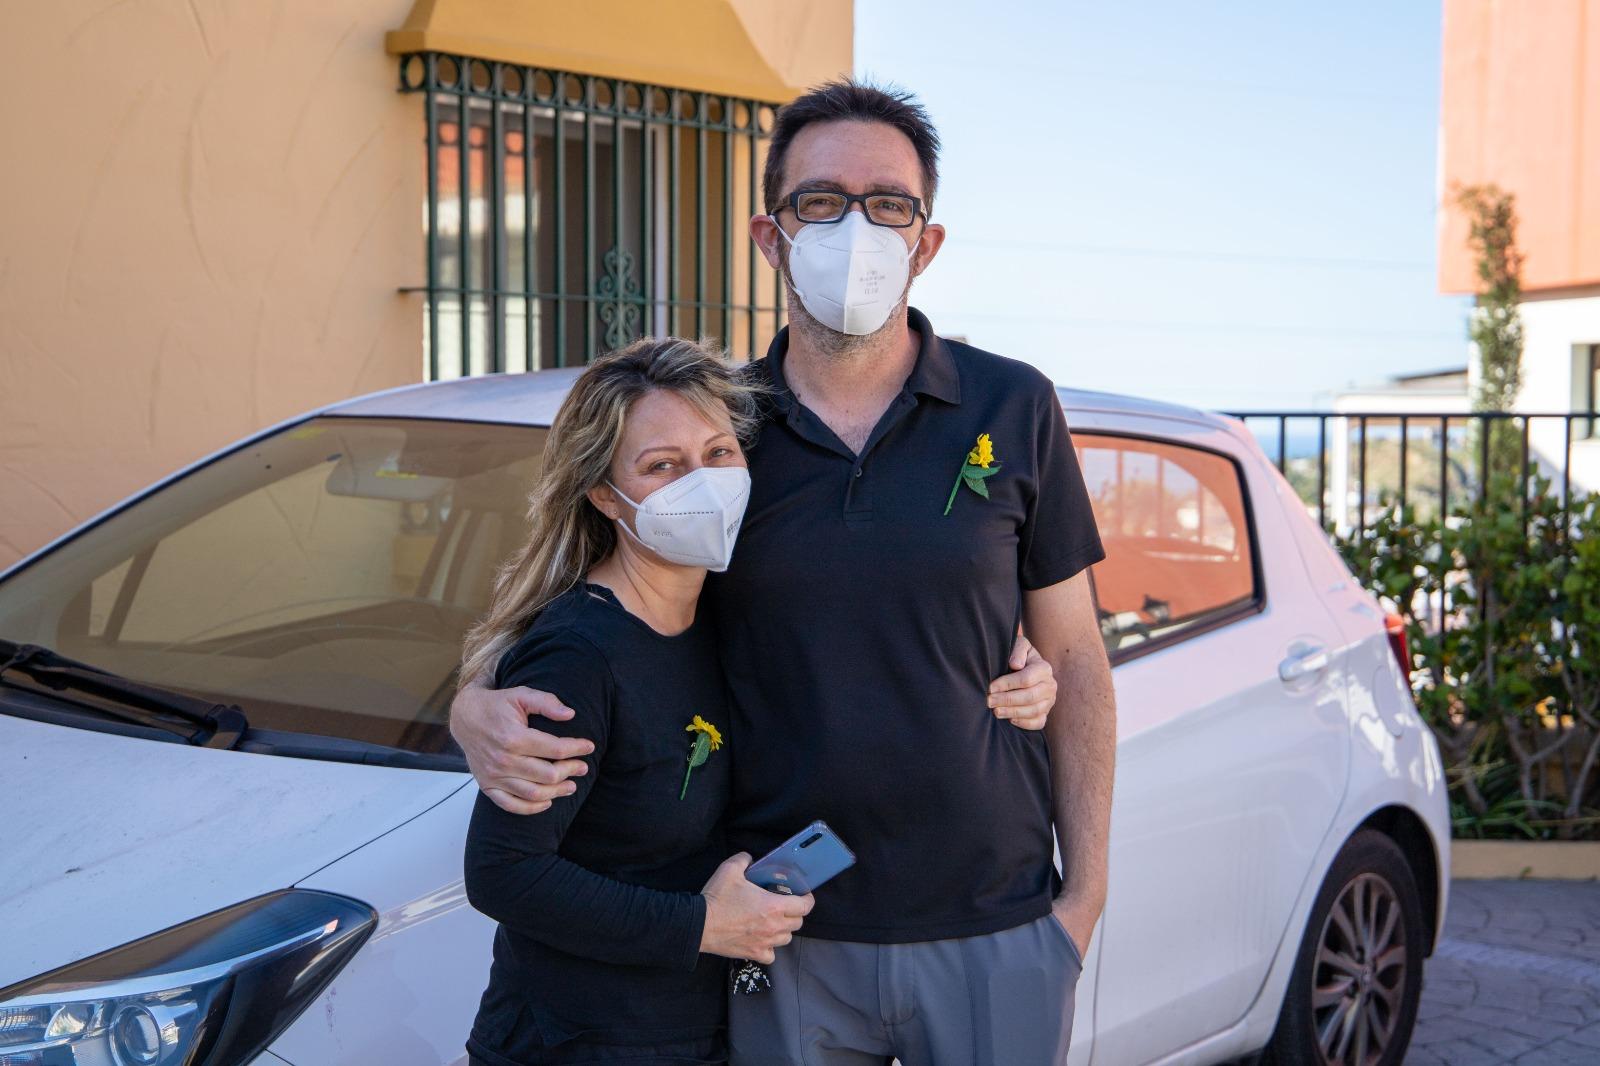 Álvaro Deblas, one of our doctors with a big heart